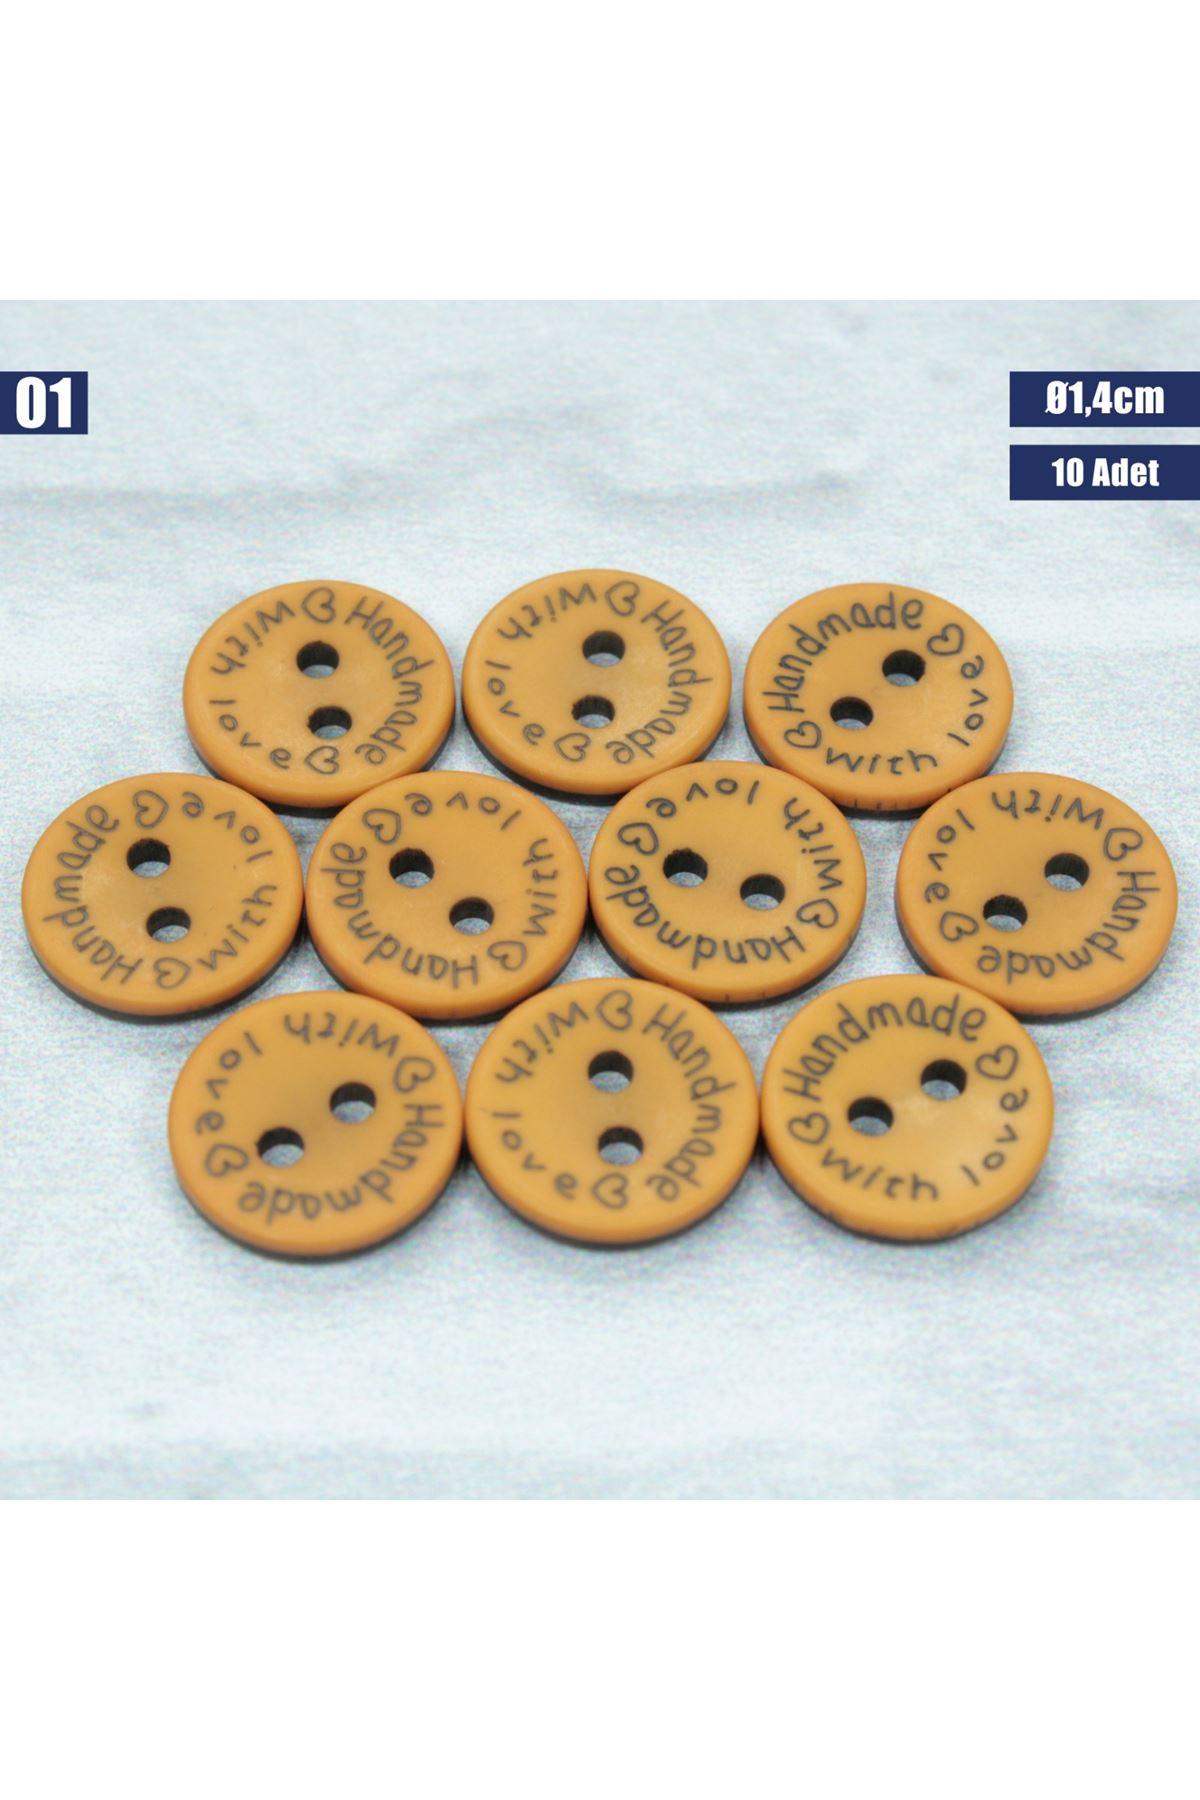 Amigurumi Düğmesi Ø 1,4cm - 01